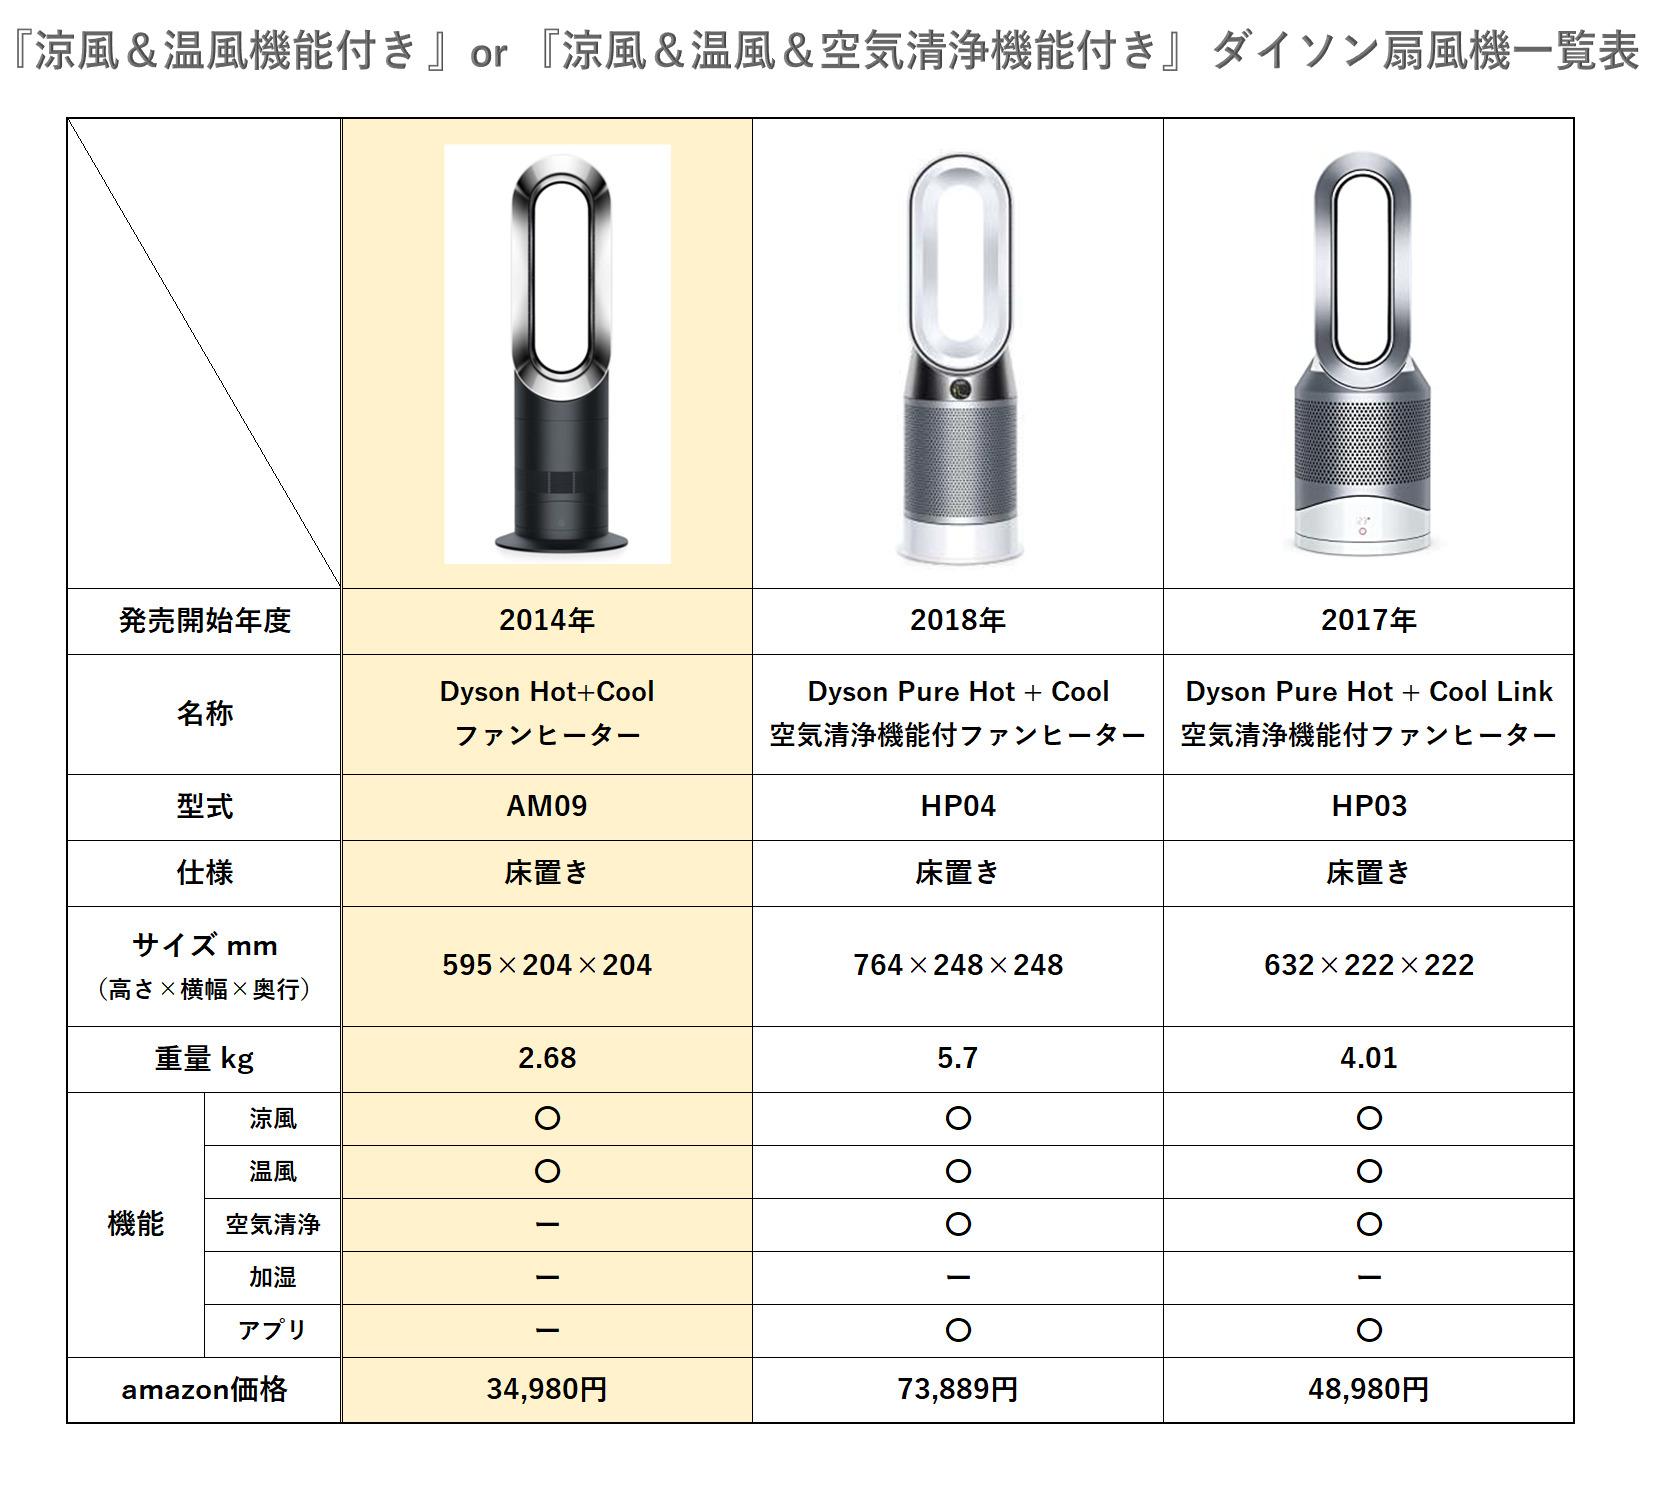 『涼風&温風機能付き 』or 『涼風&温風&空気清浄機能付き』 ダイソン扇風機一覧表